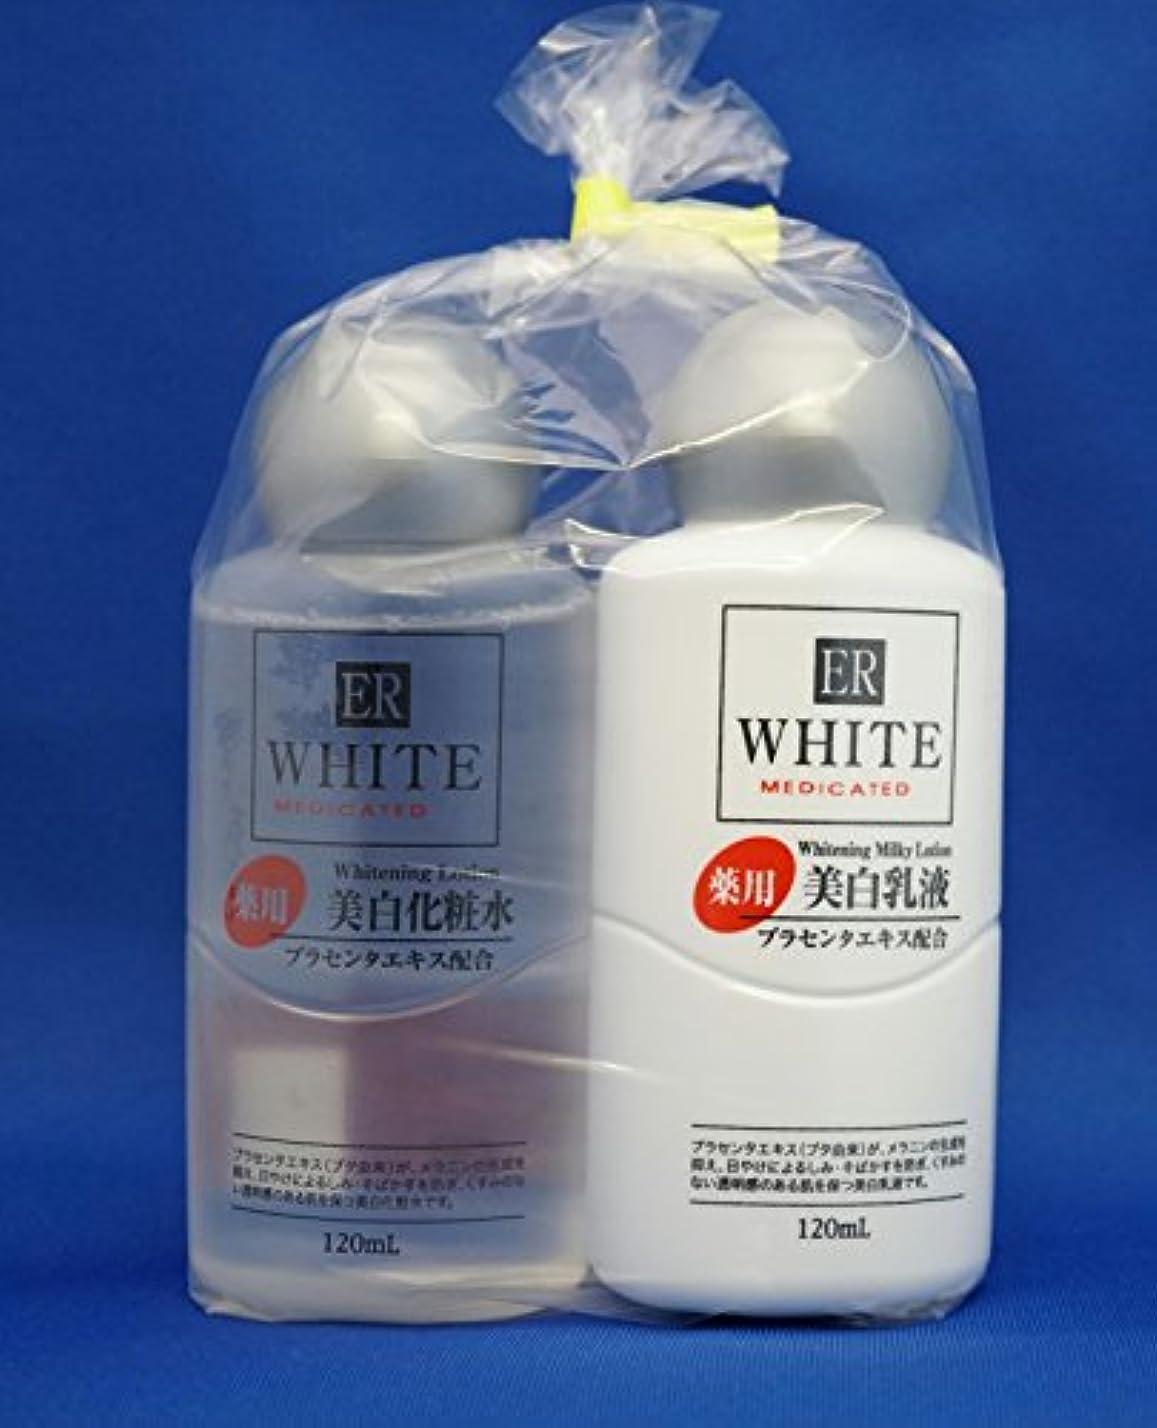 再集計不承認ハーフ2個セット ダイソー ER コスモ ホワイトニング ミルクV(薬用美白乳液) と ER ホワイトニングローションV(薬用美白化粧水)